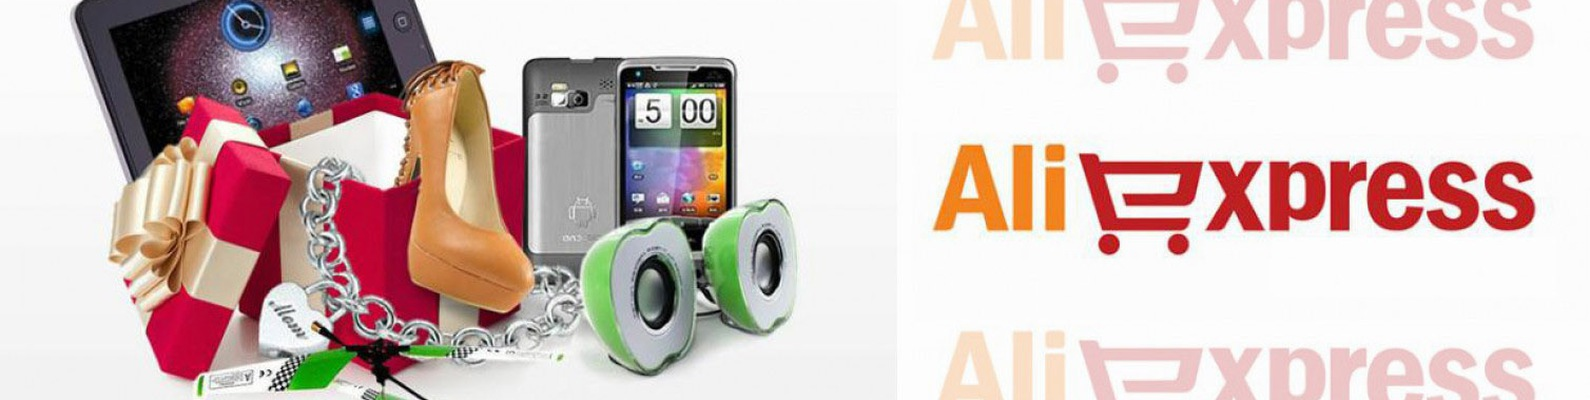 Самый покупаемый смартфон в алиэкспресс